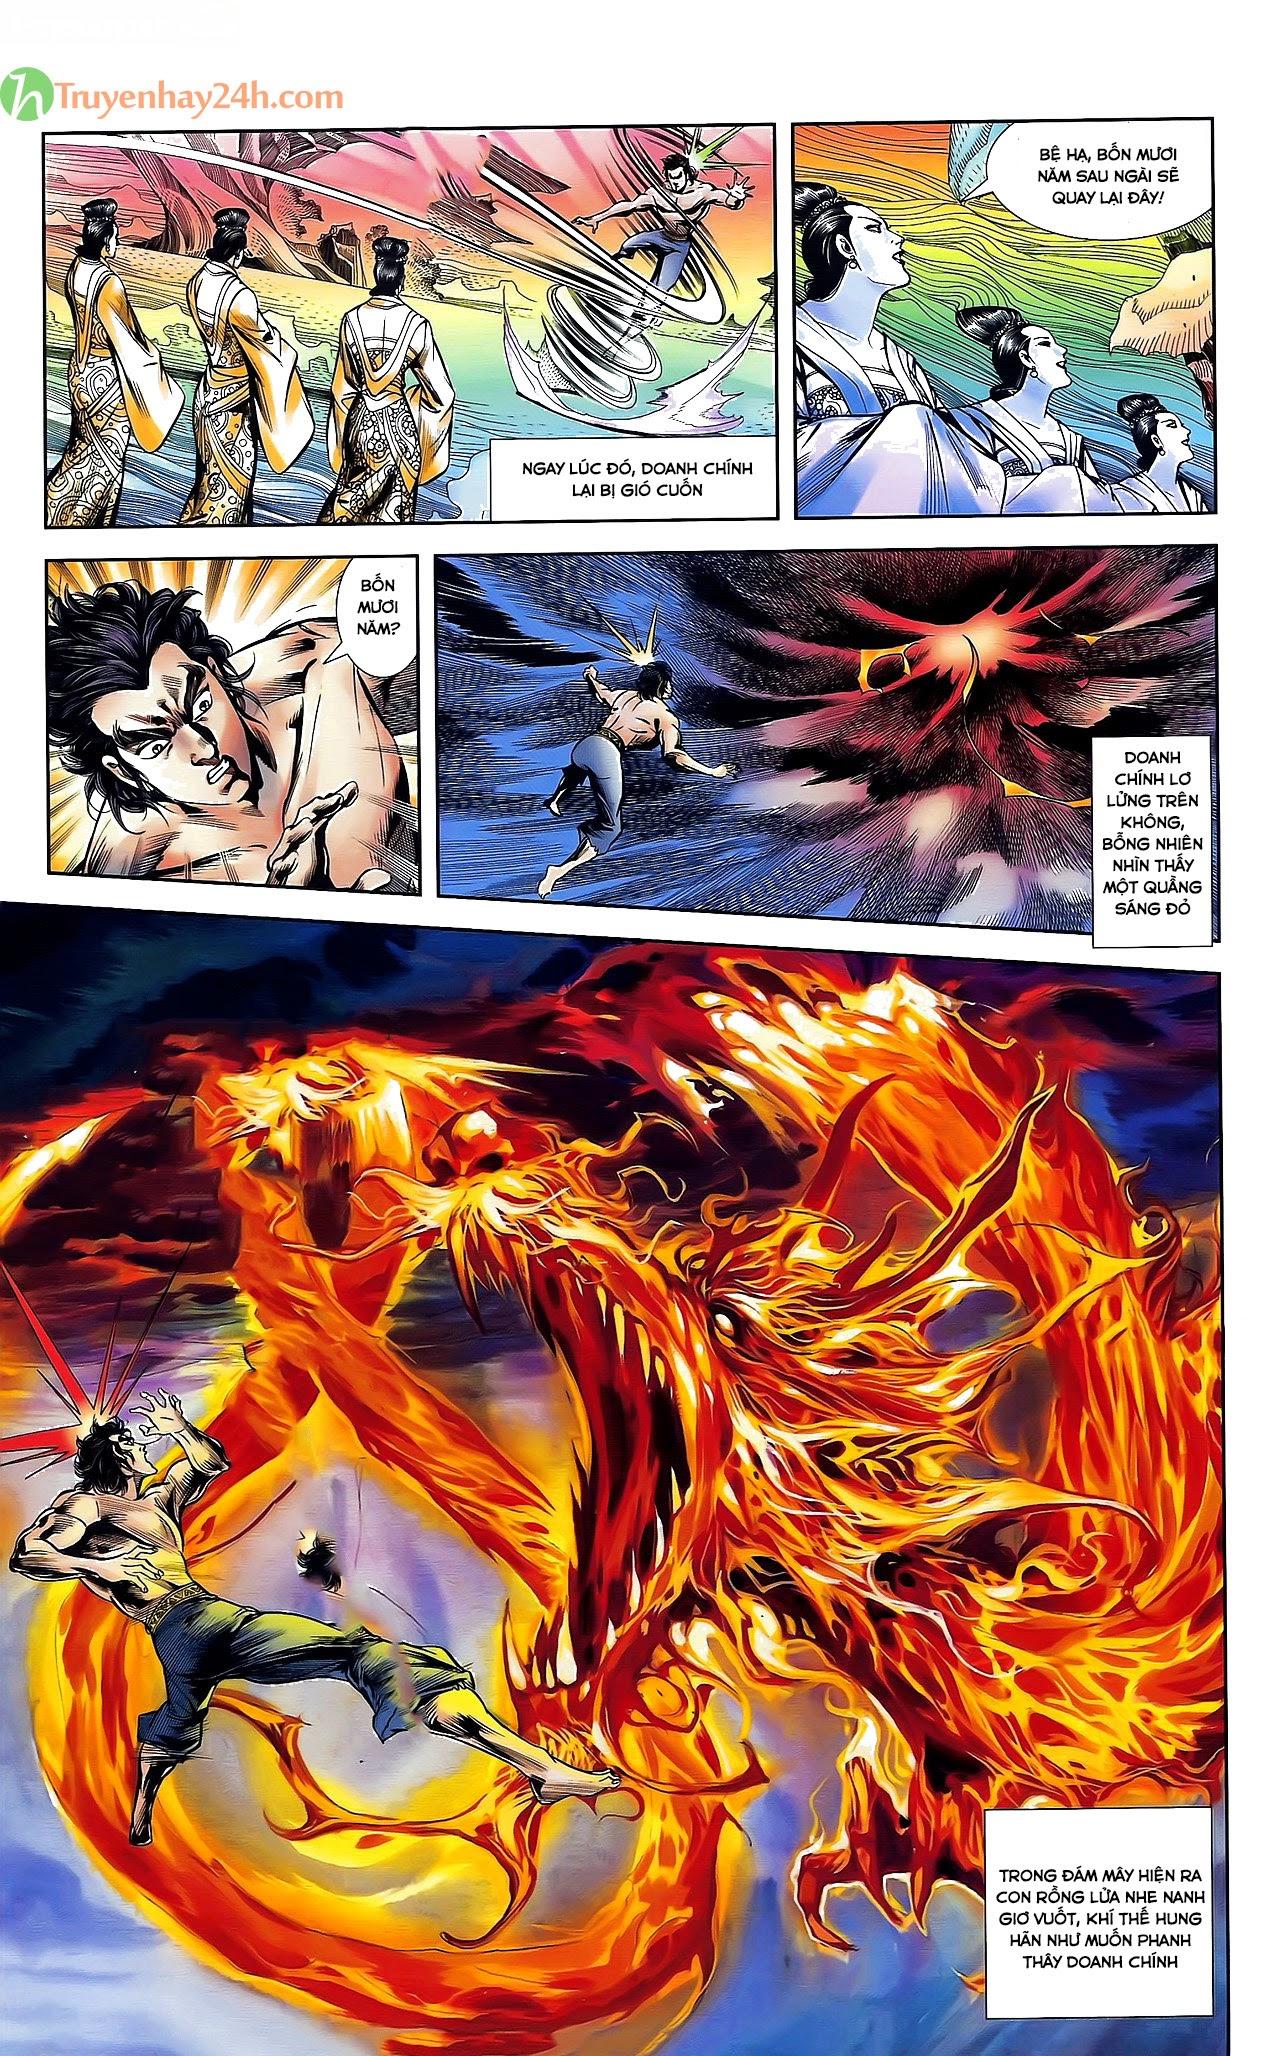 Tần Vương Doanh Chính chapter 30 trang 22